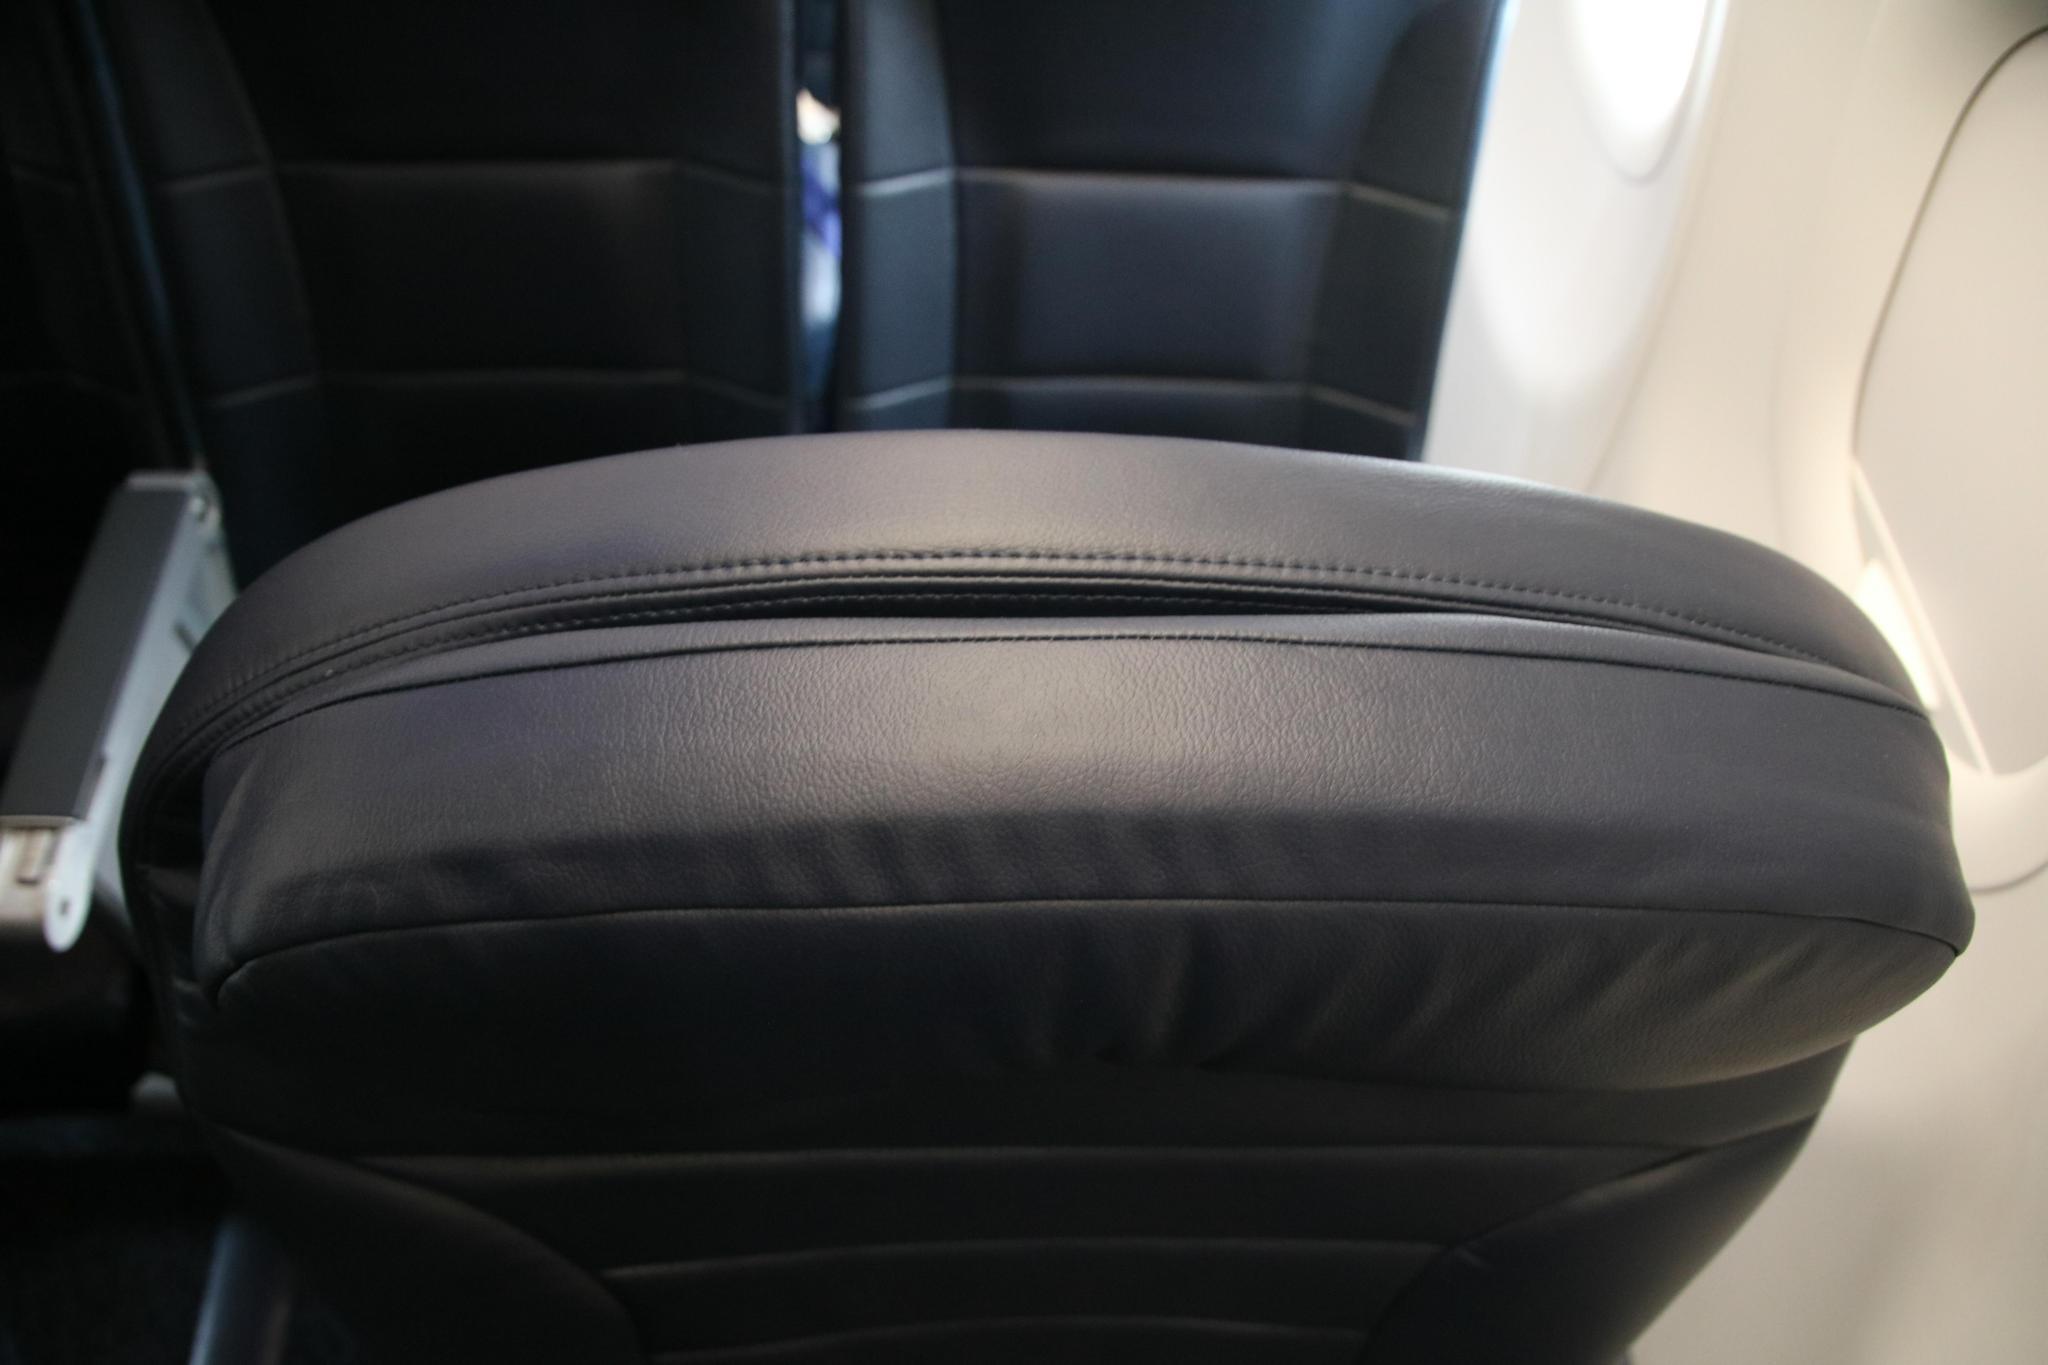 Spirit Airlines Airbus A321 200 Premium Eco Big Front Seats Headrest Photos